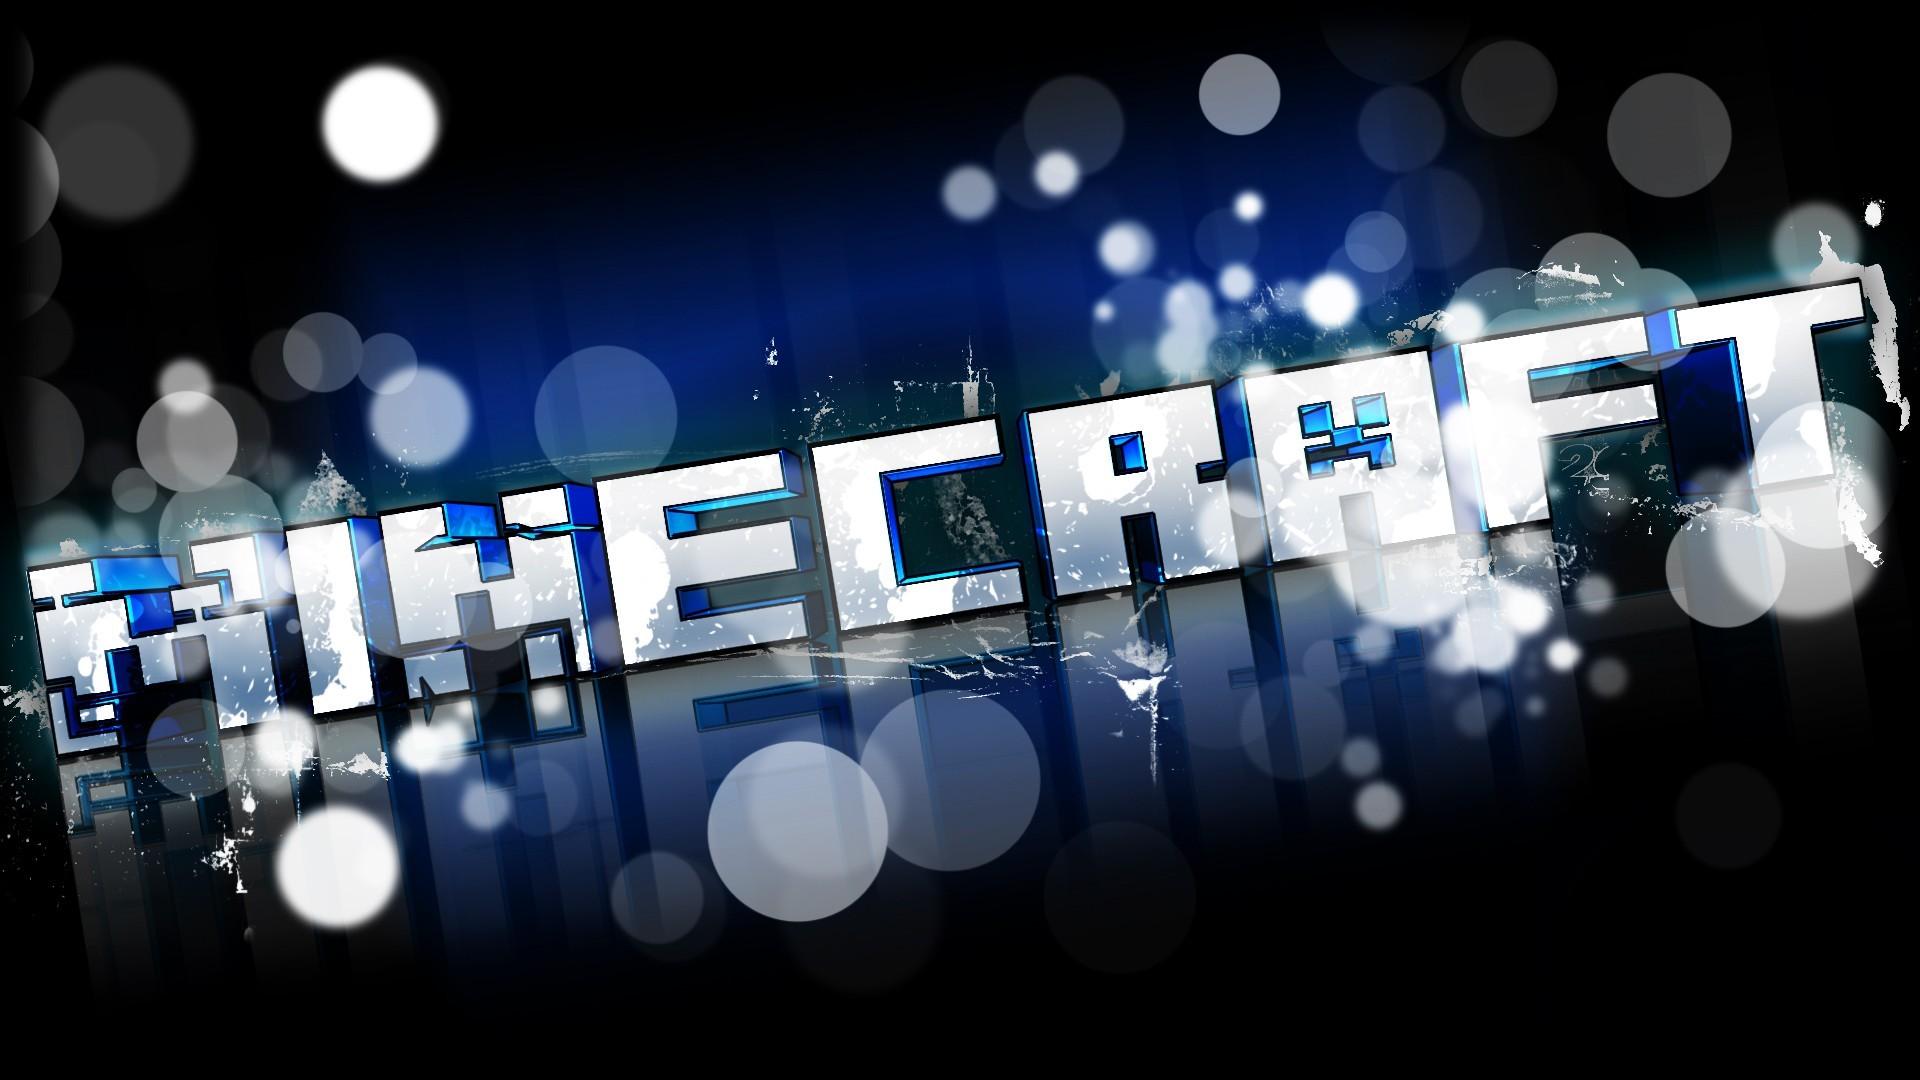 Minecraft Creeper Iphone Wallpaper Die 68 Besten Minecraft Hintergrundbilder Hd